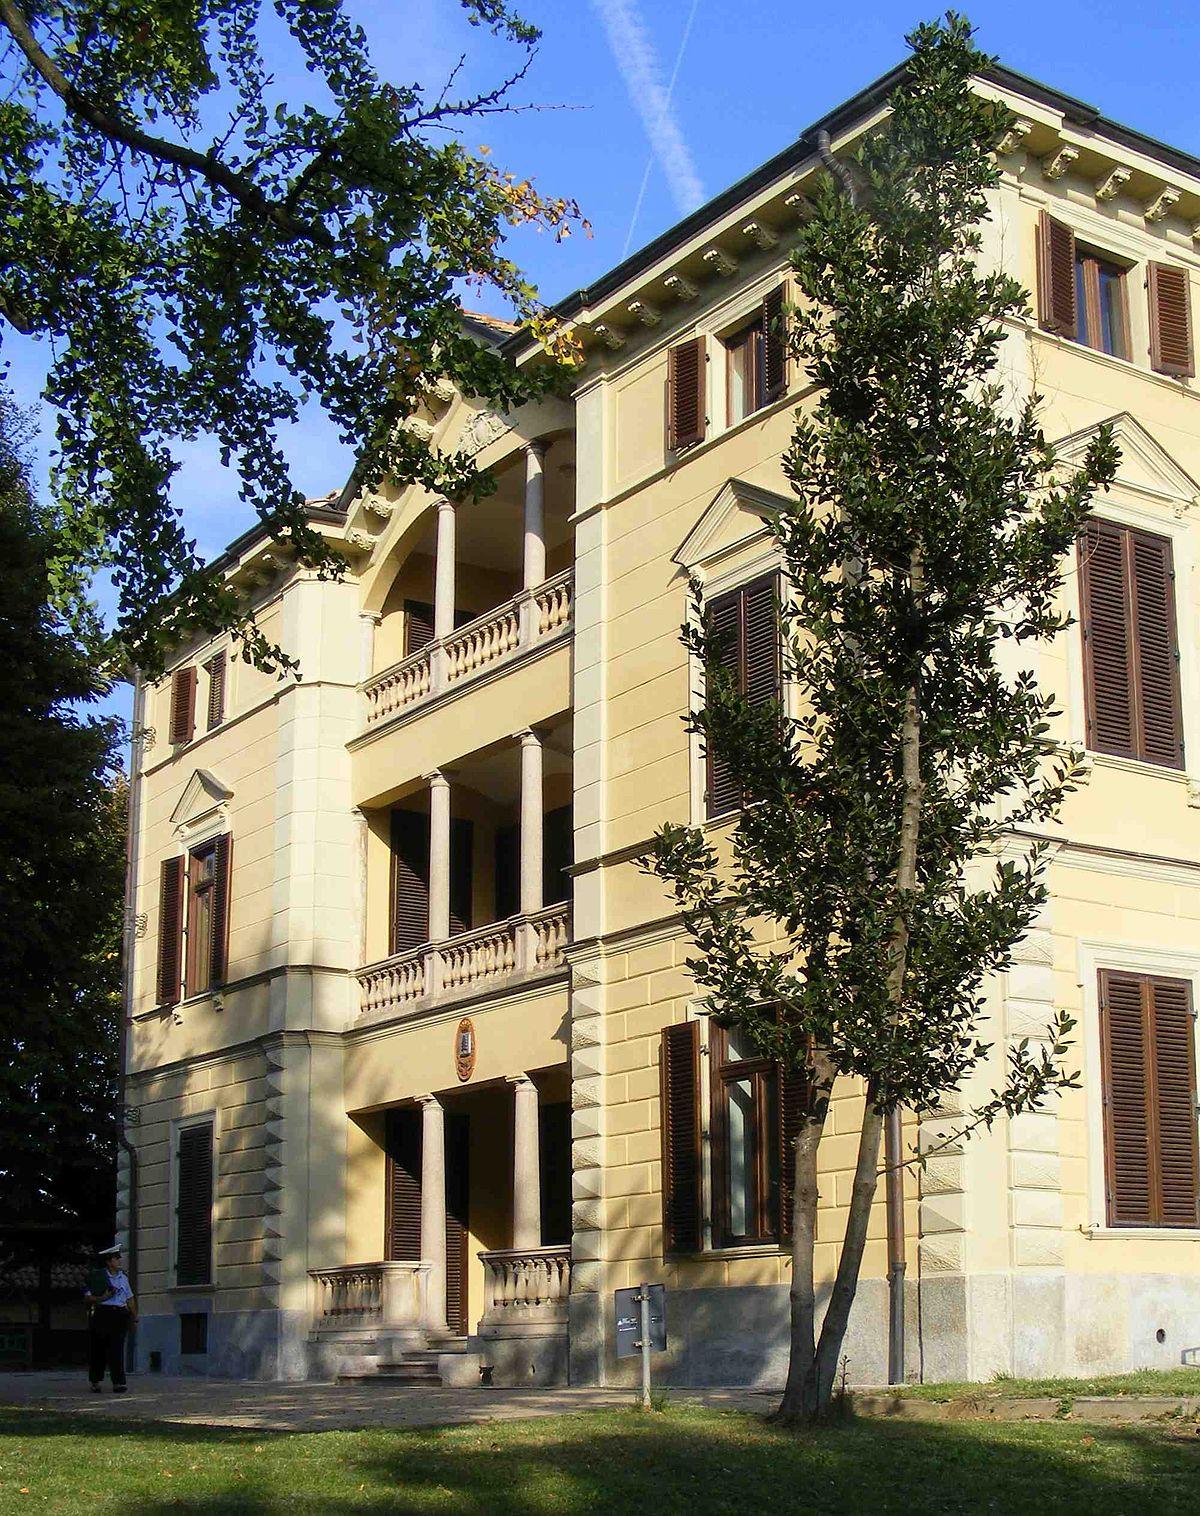 Comune Di Pecetto Torinese file:pecetto torinese municipio - wikipedia